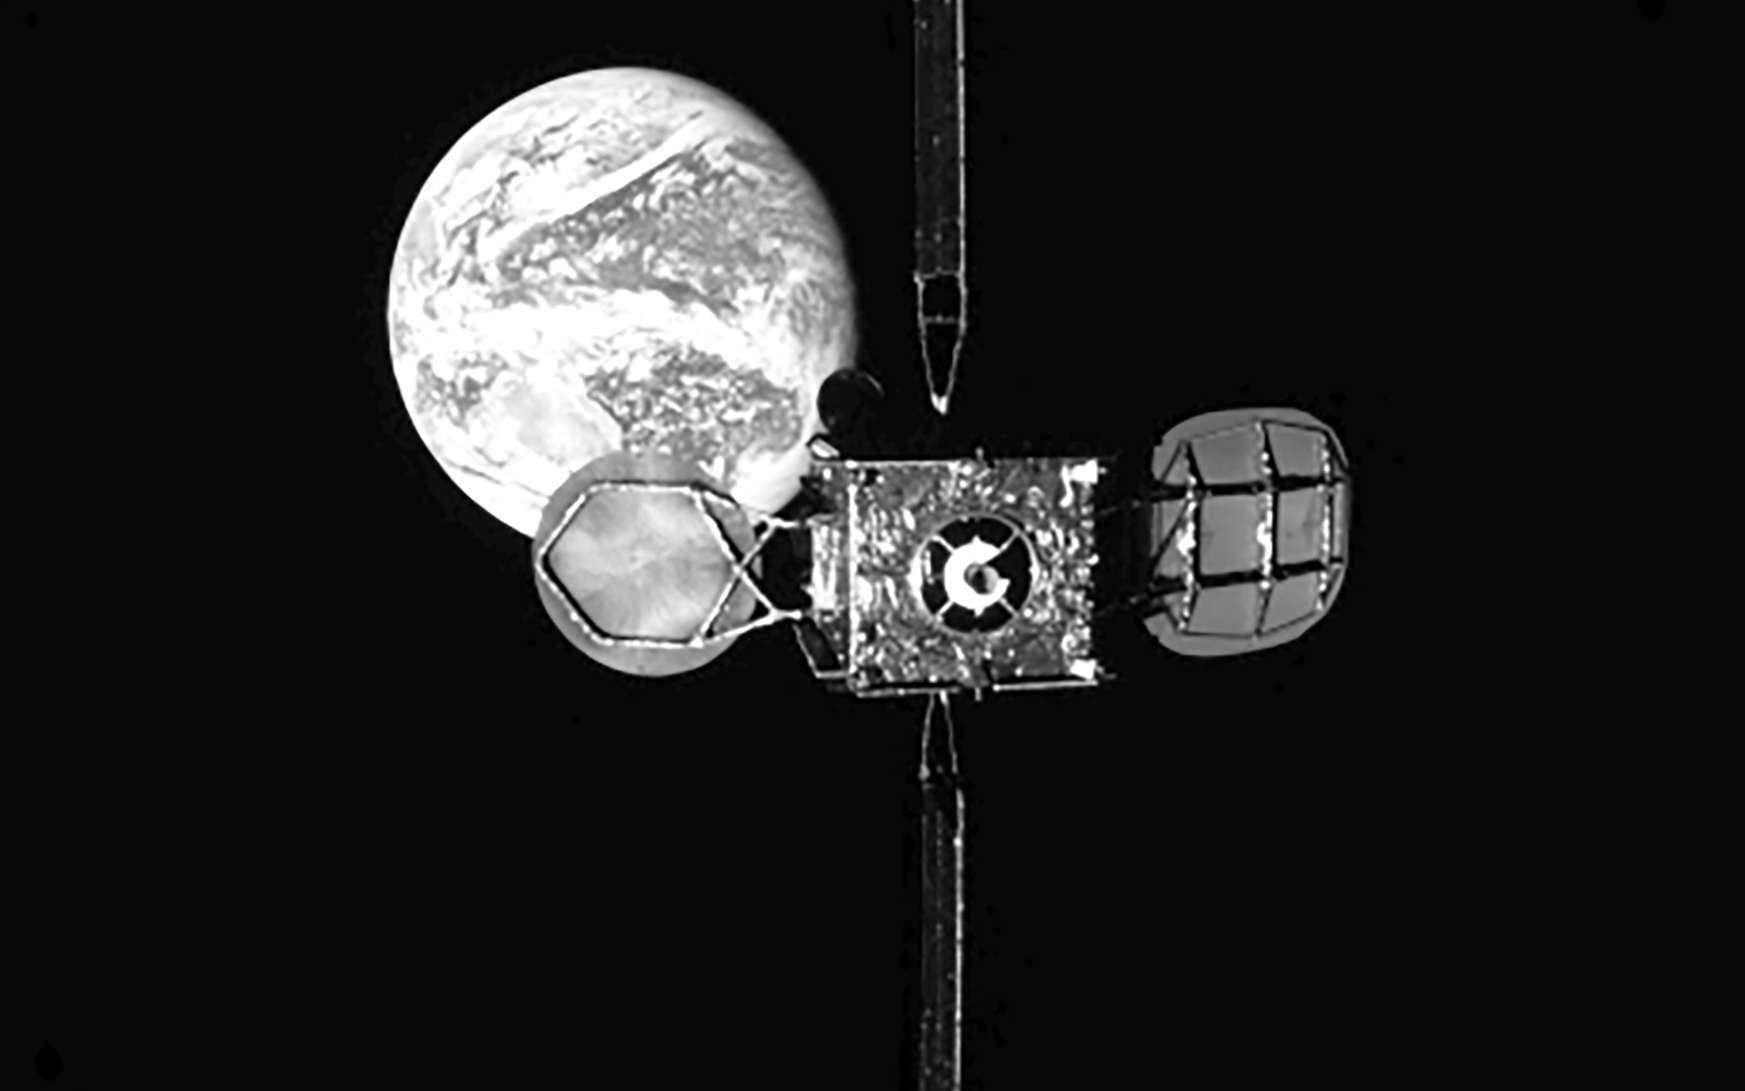 Le satellite de télécommunications Intelsat 901, vu depuis le remorqueur spatial MEV-1, avant qu'il s'y amarre. © Northrop Grumman